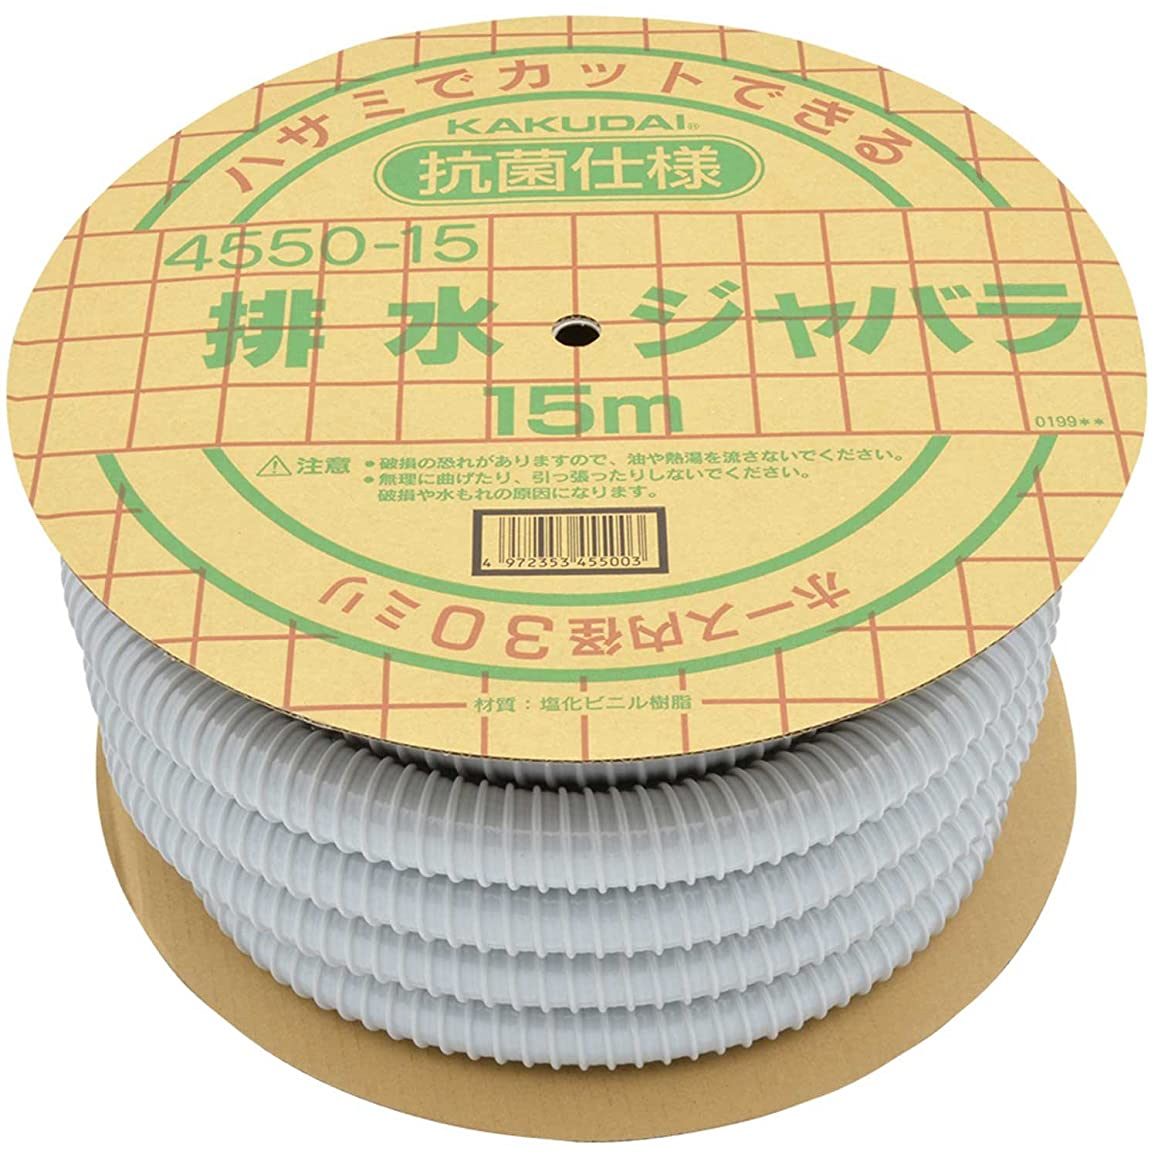 破壊的な罪悪感オークカクダイ 排水ジャバラホース 15m巻 4550-15